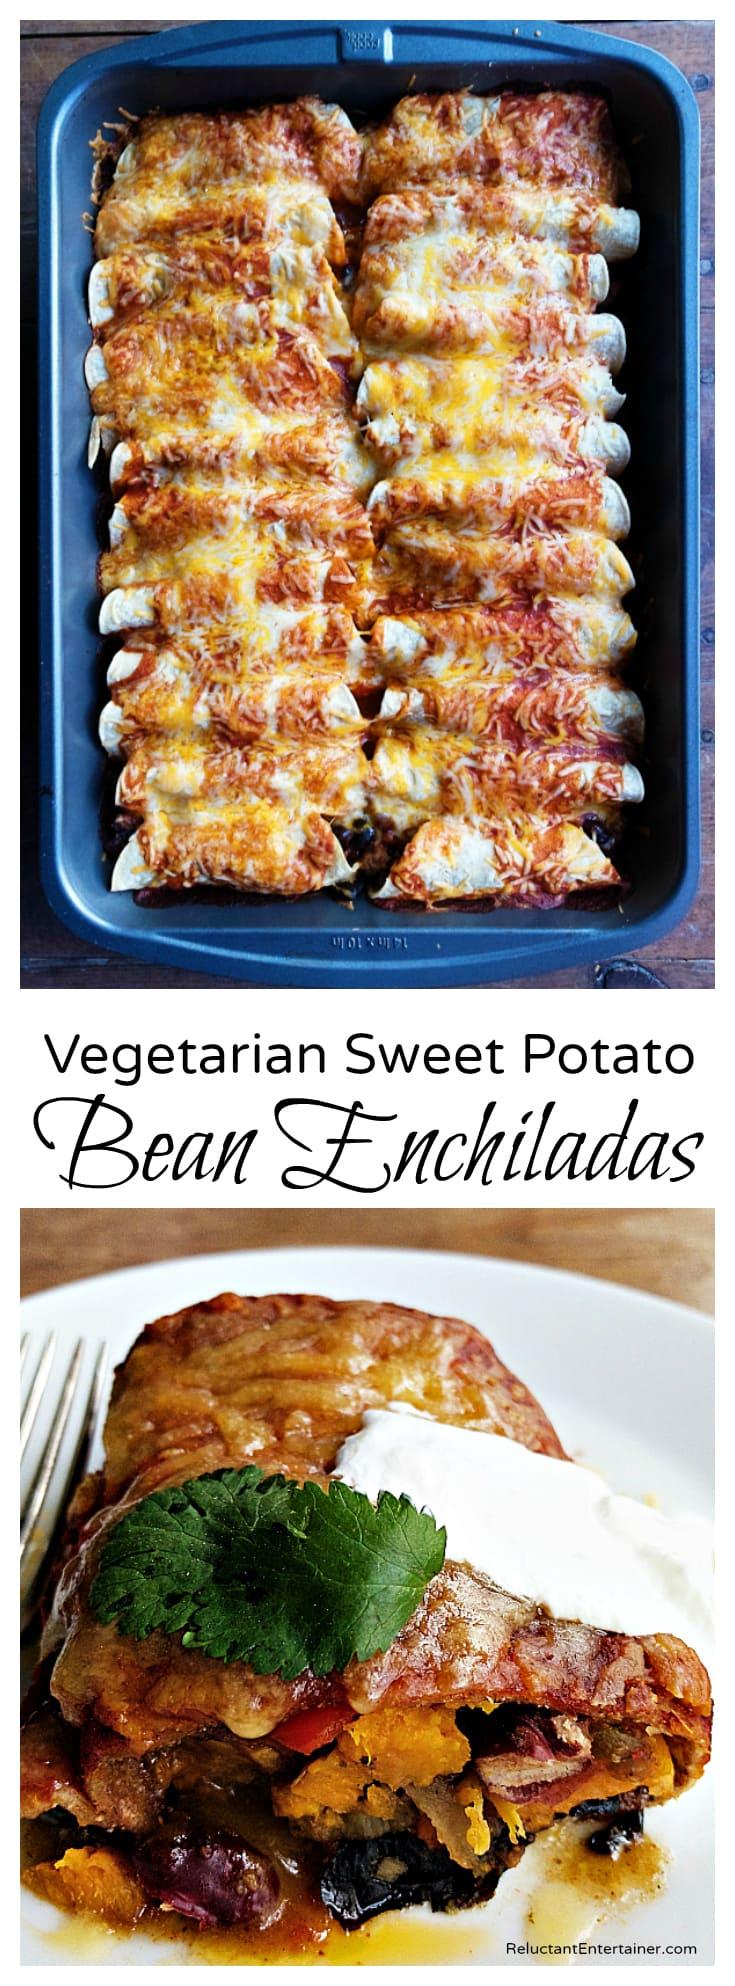 Vegetarian Sweet Potato Bean Enchiladas